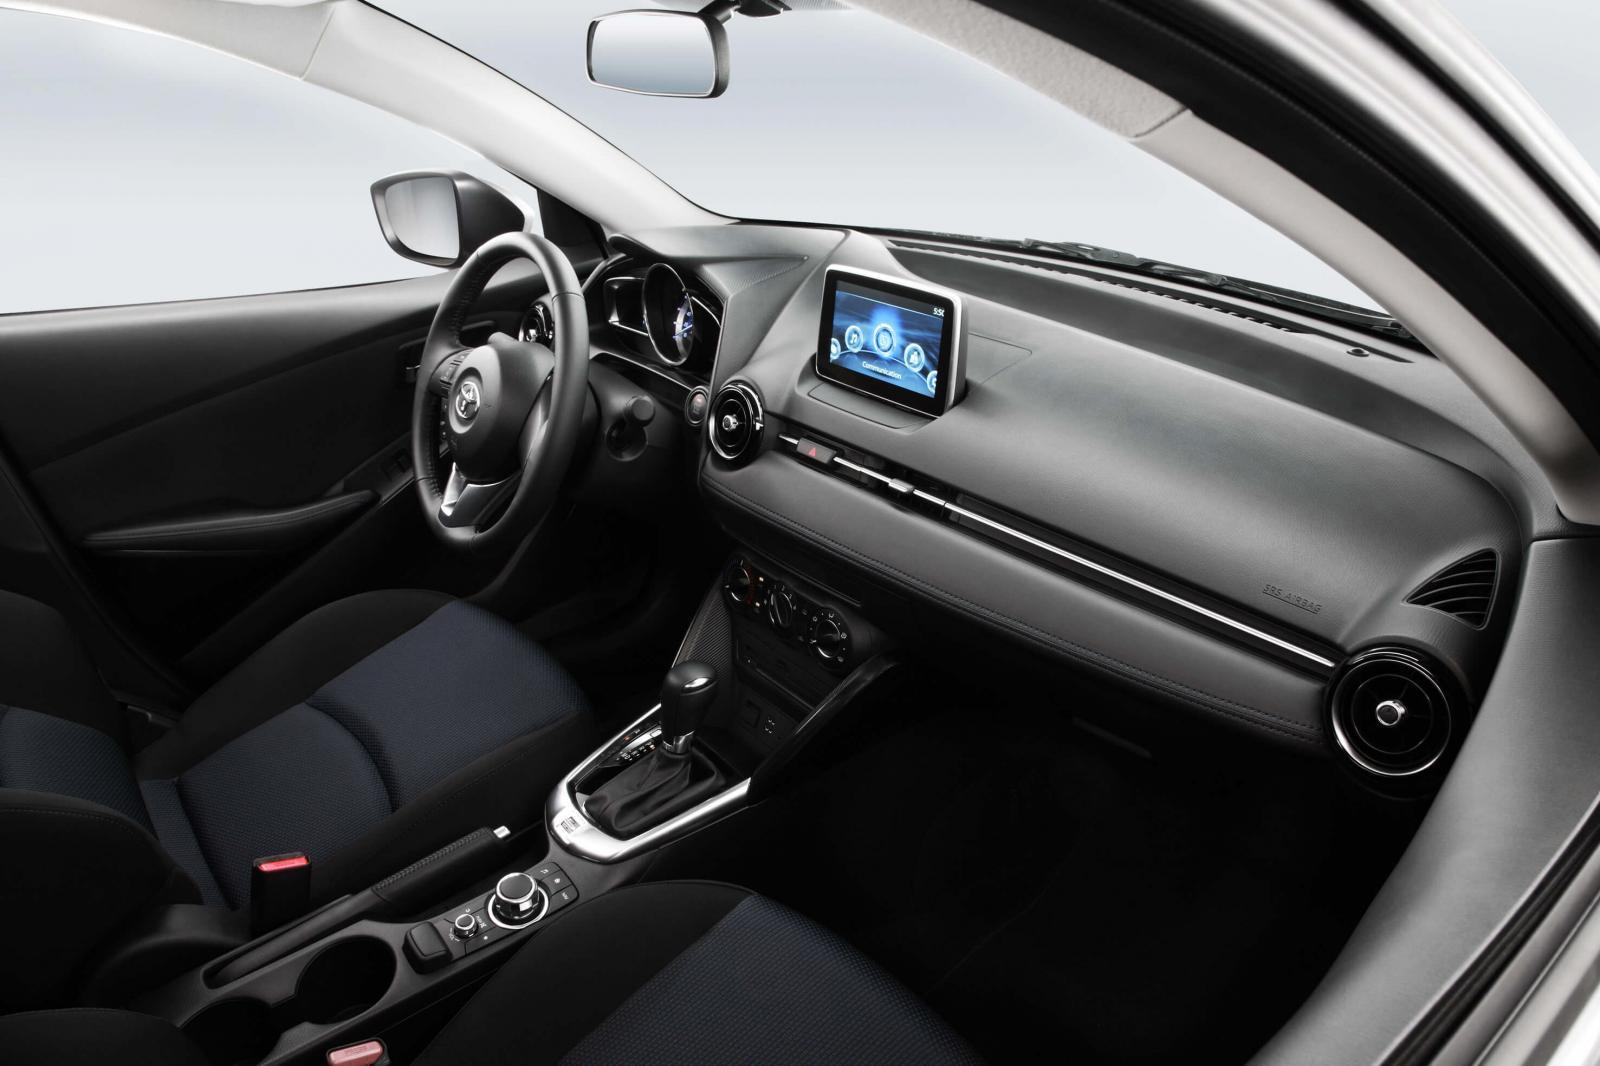 Toyota Taris R 2019 interior